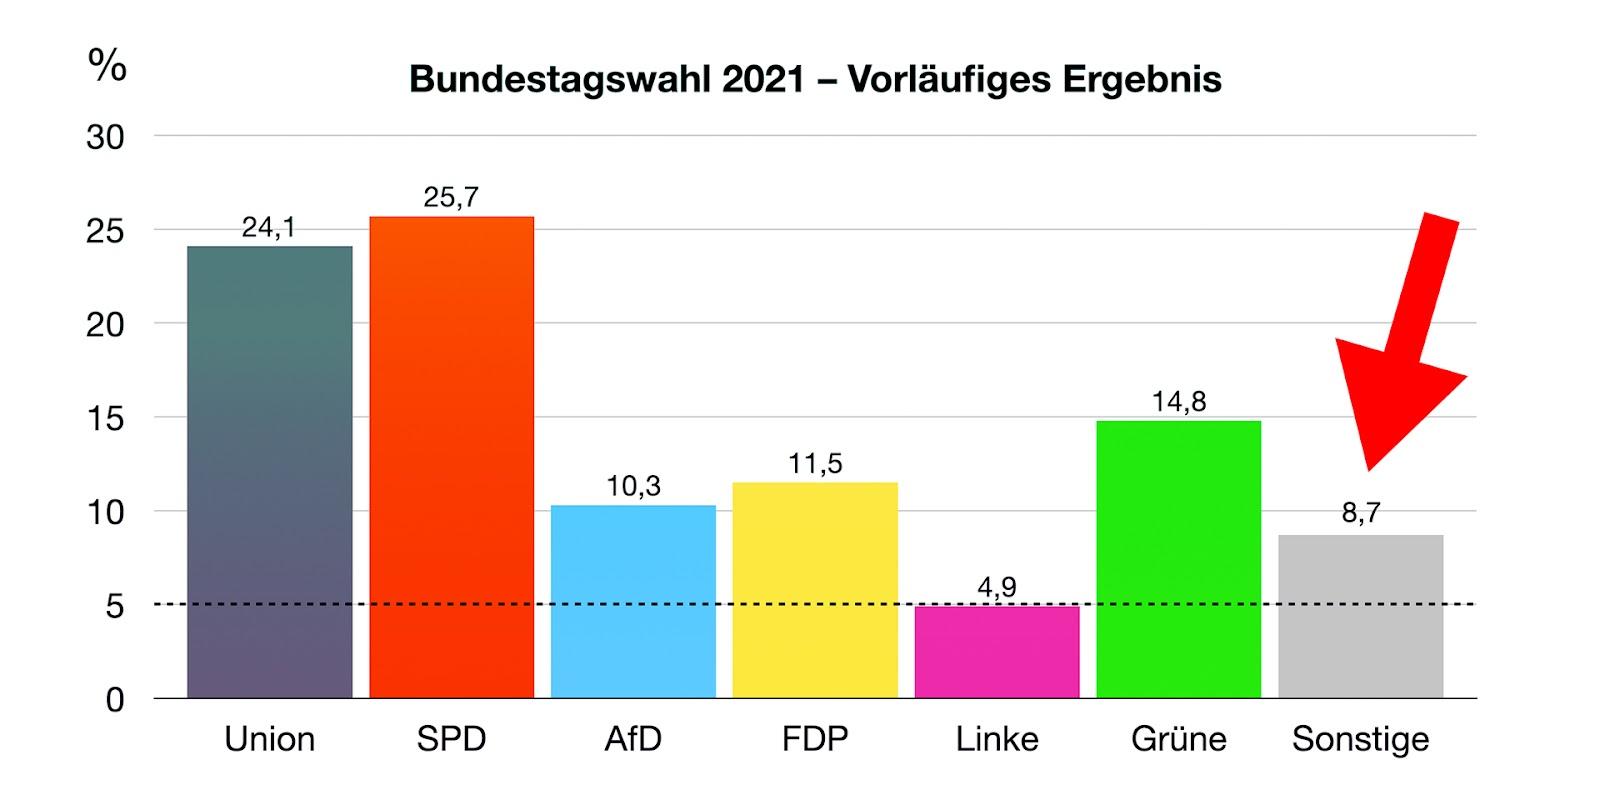 Fünf-Prozent-Hürde locker übersprungen: Sonstige ziehen in den Bundestag ein